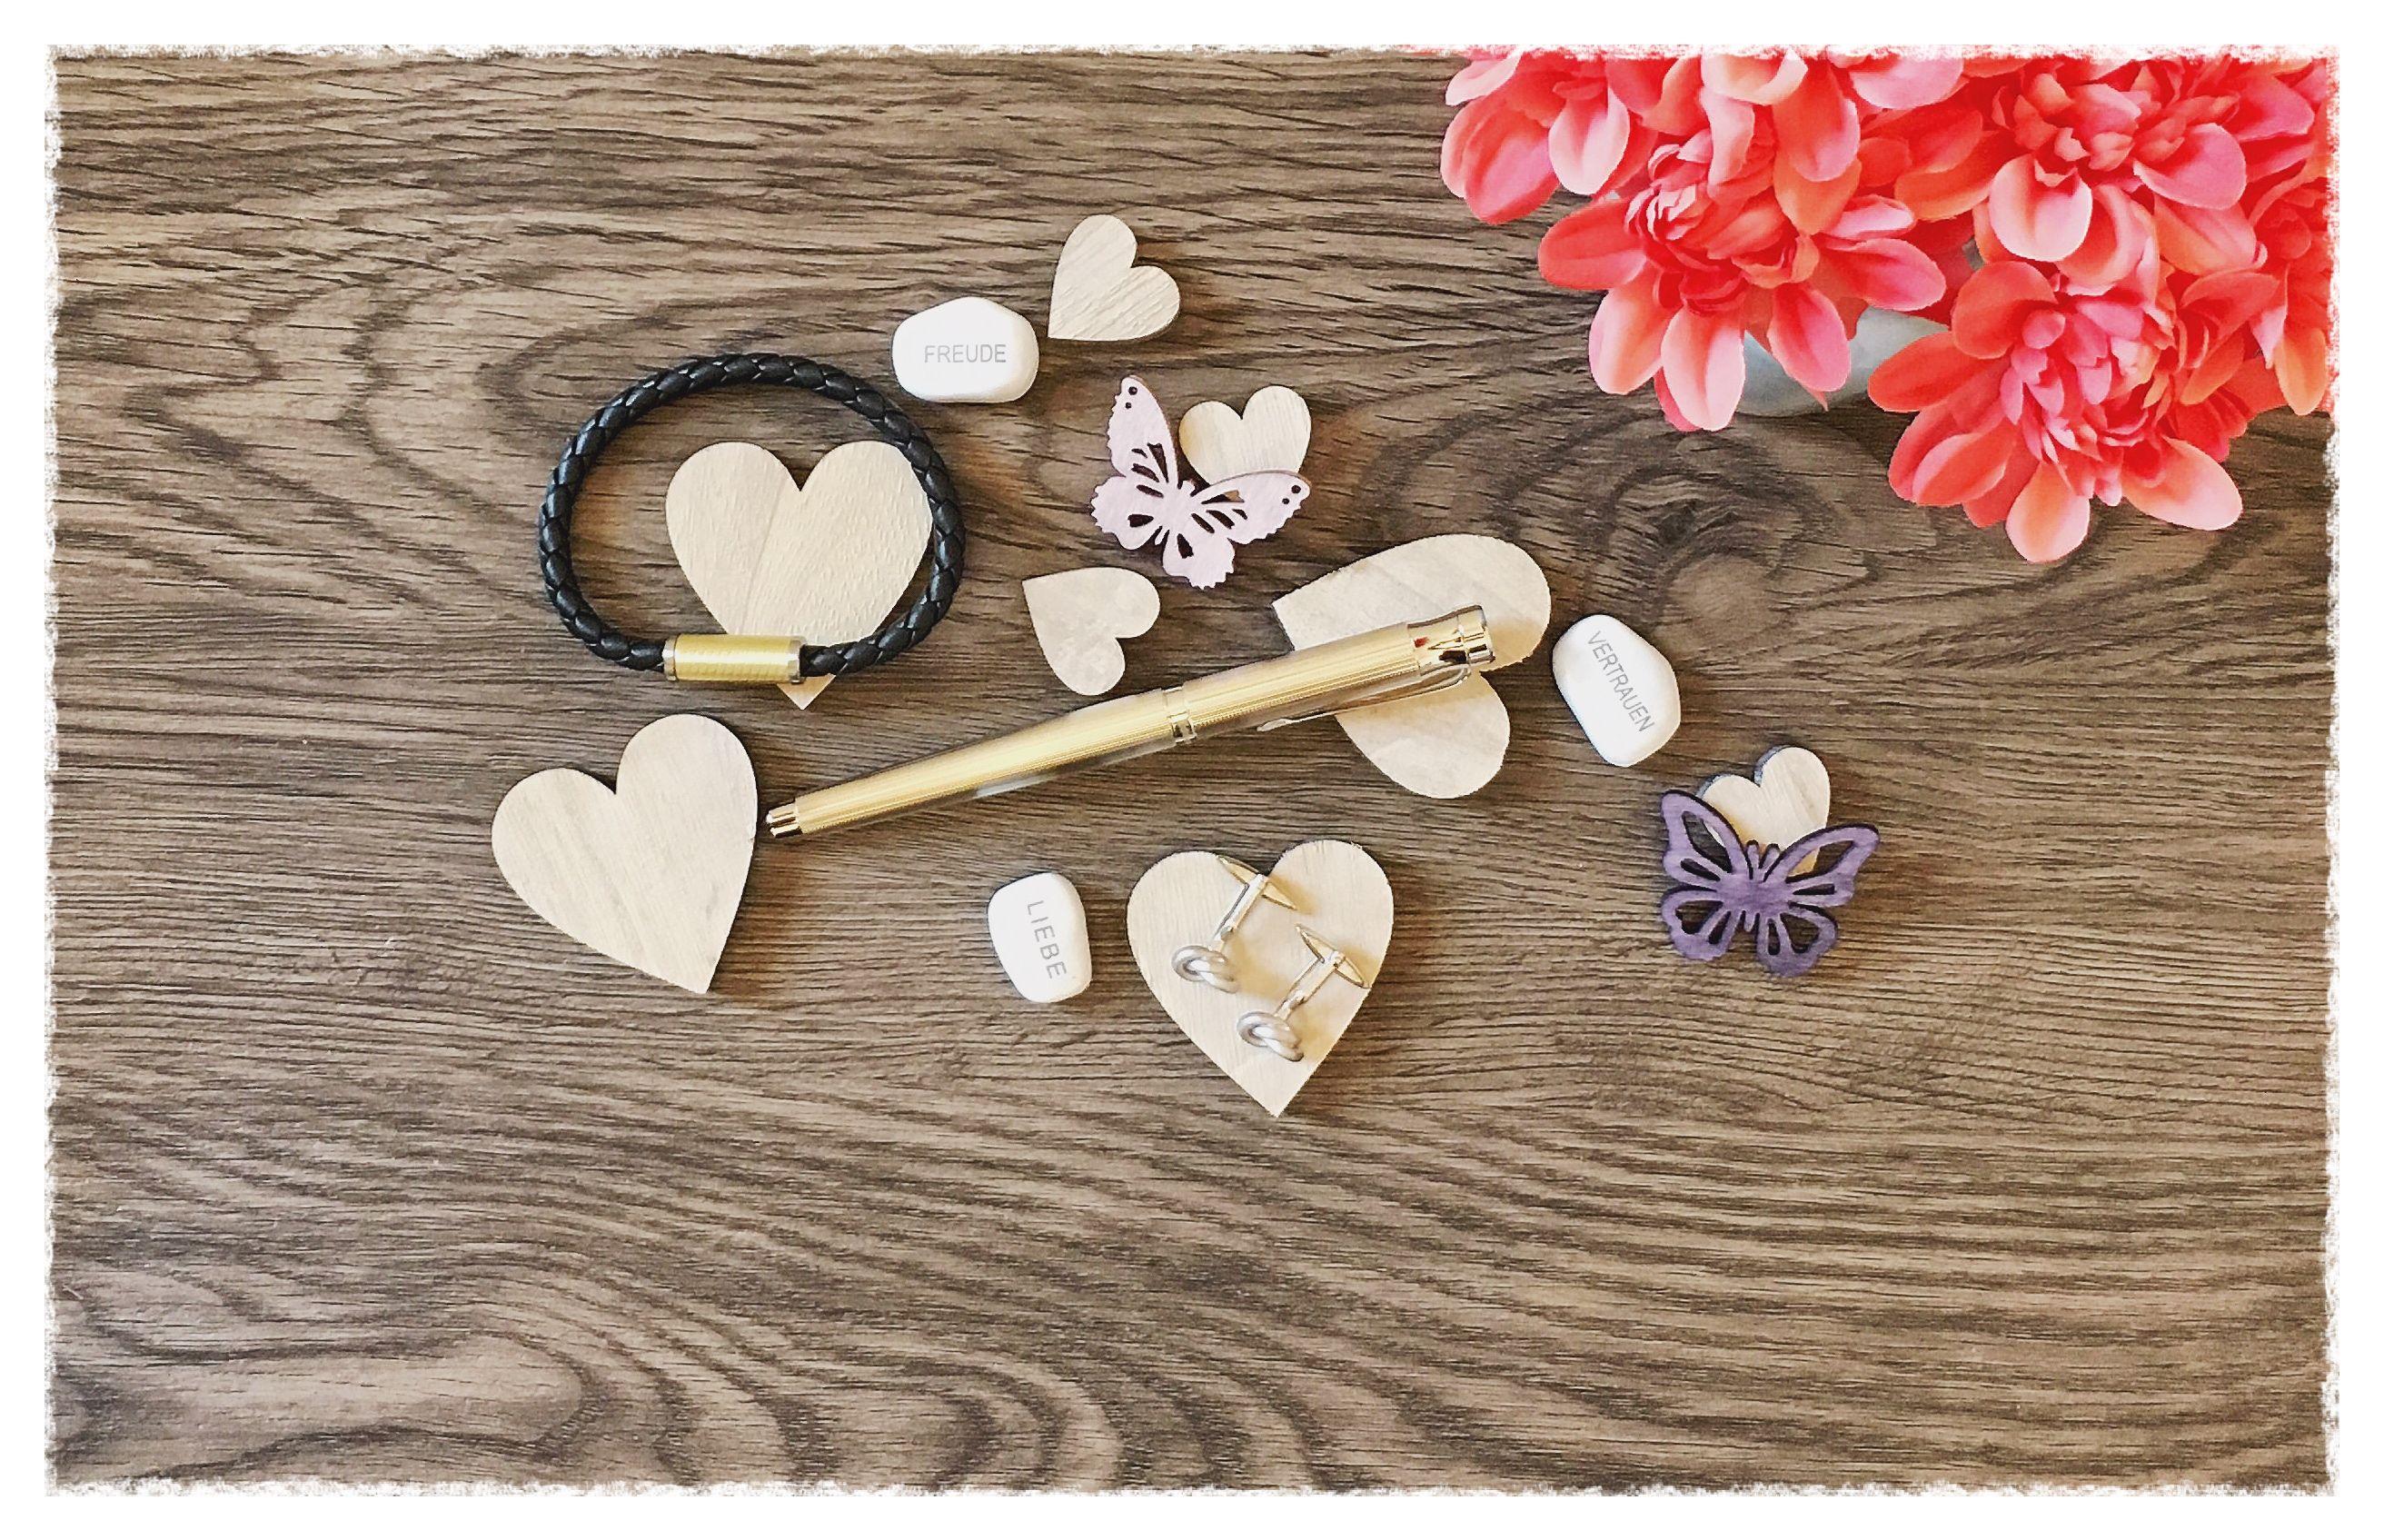 Valentinstag - nicht nur ein Fest für die Frauen. Unsere Geschenkideen für Männer.